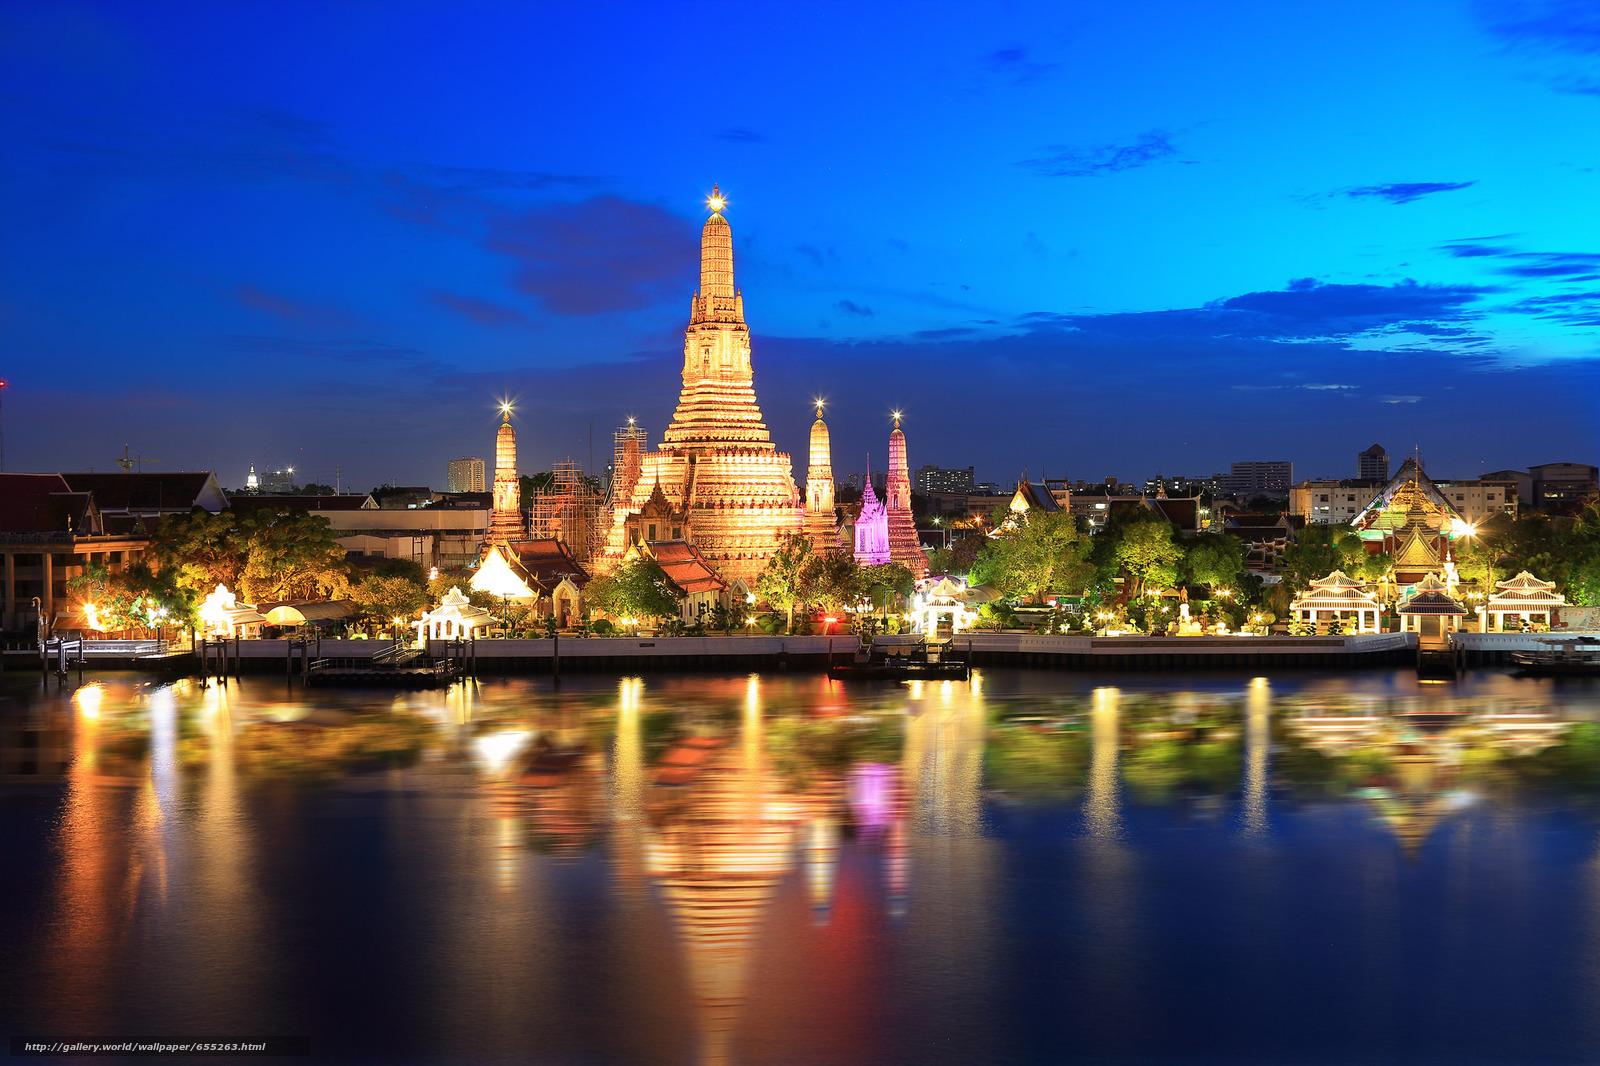 Tlcharger Fond d'ecran Bangkok,  capitale et plus grande ville de Thaïlande,  Thaïlande Fonds d'ecran gratuits pour votre rsolution du bureau 2048x1365 — image №655263